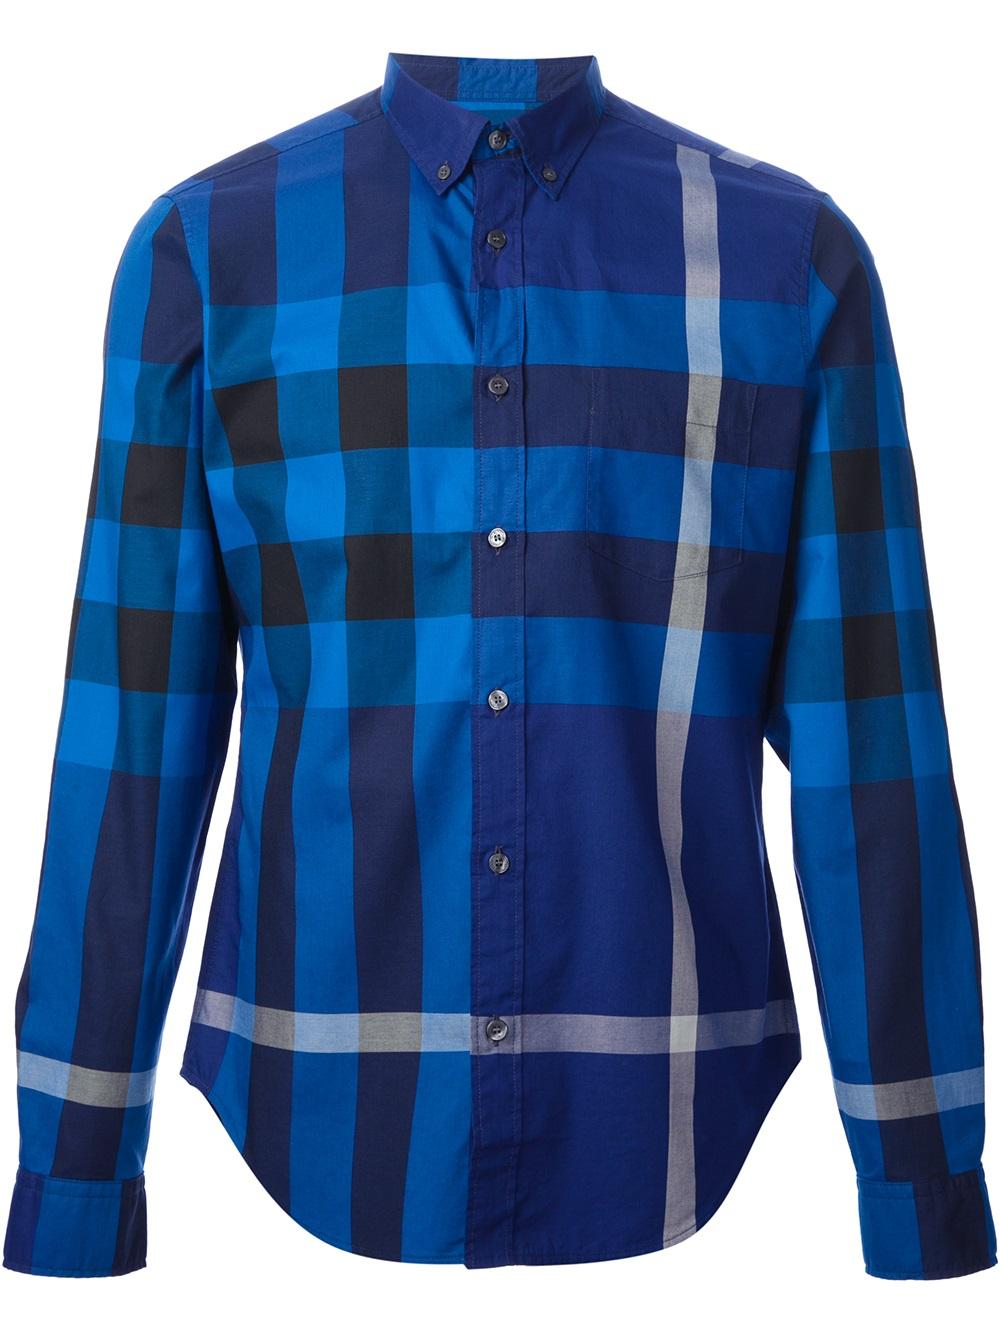 mens blue burberry shirt